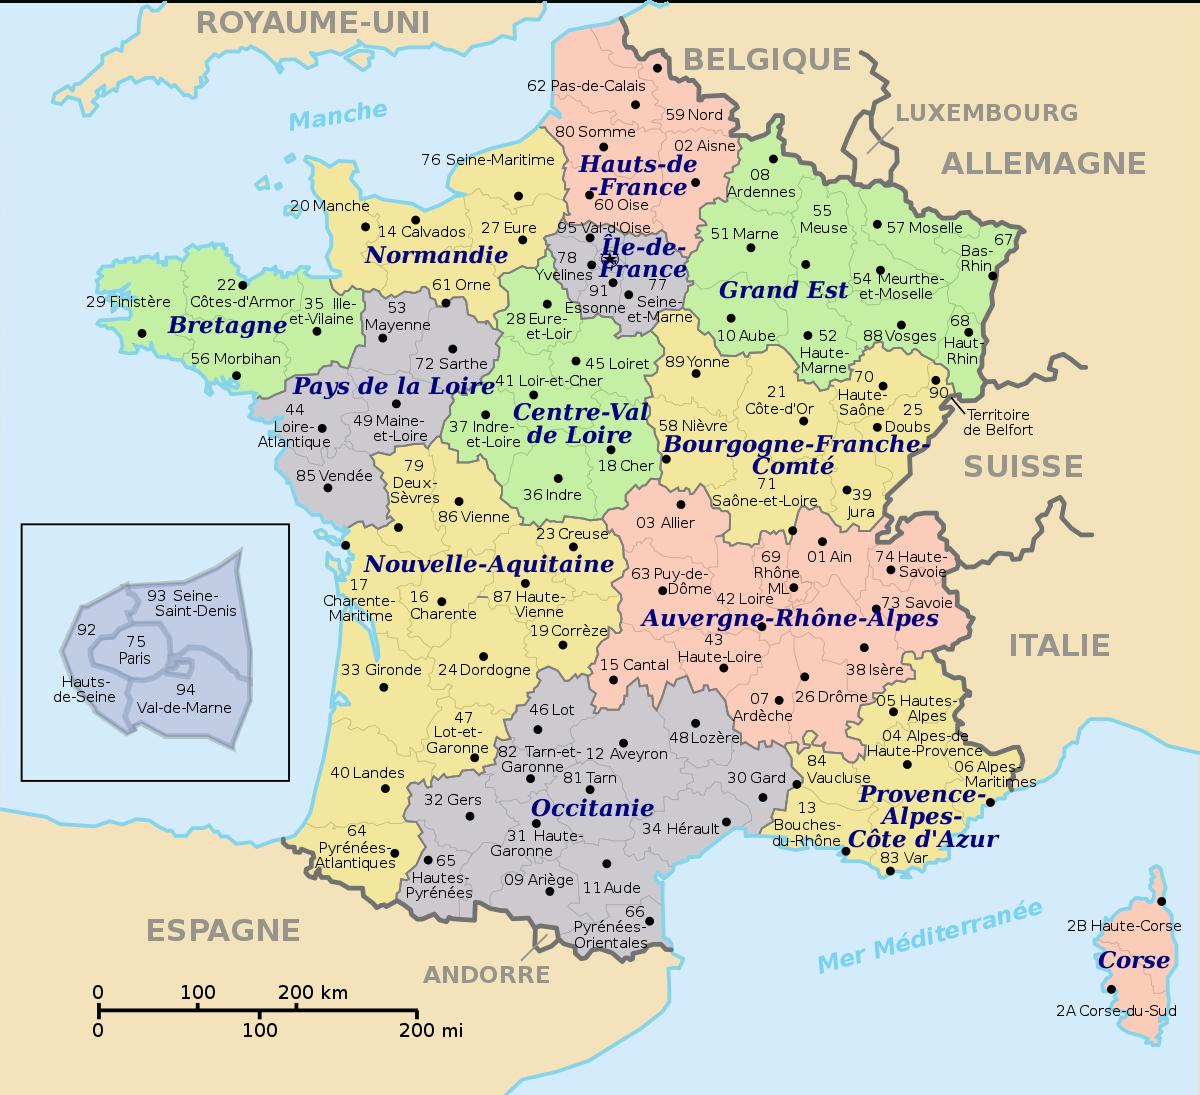 Numérotation Des Départements Français — Wikipédia tout Carte Departements Francais